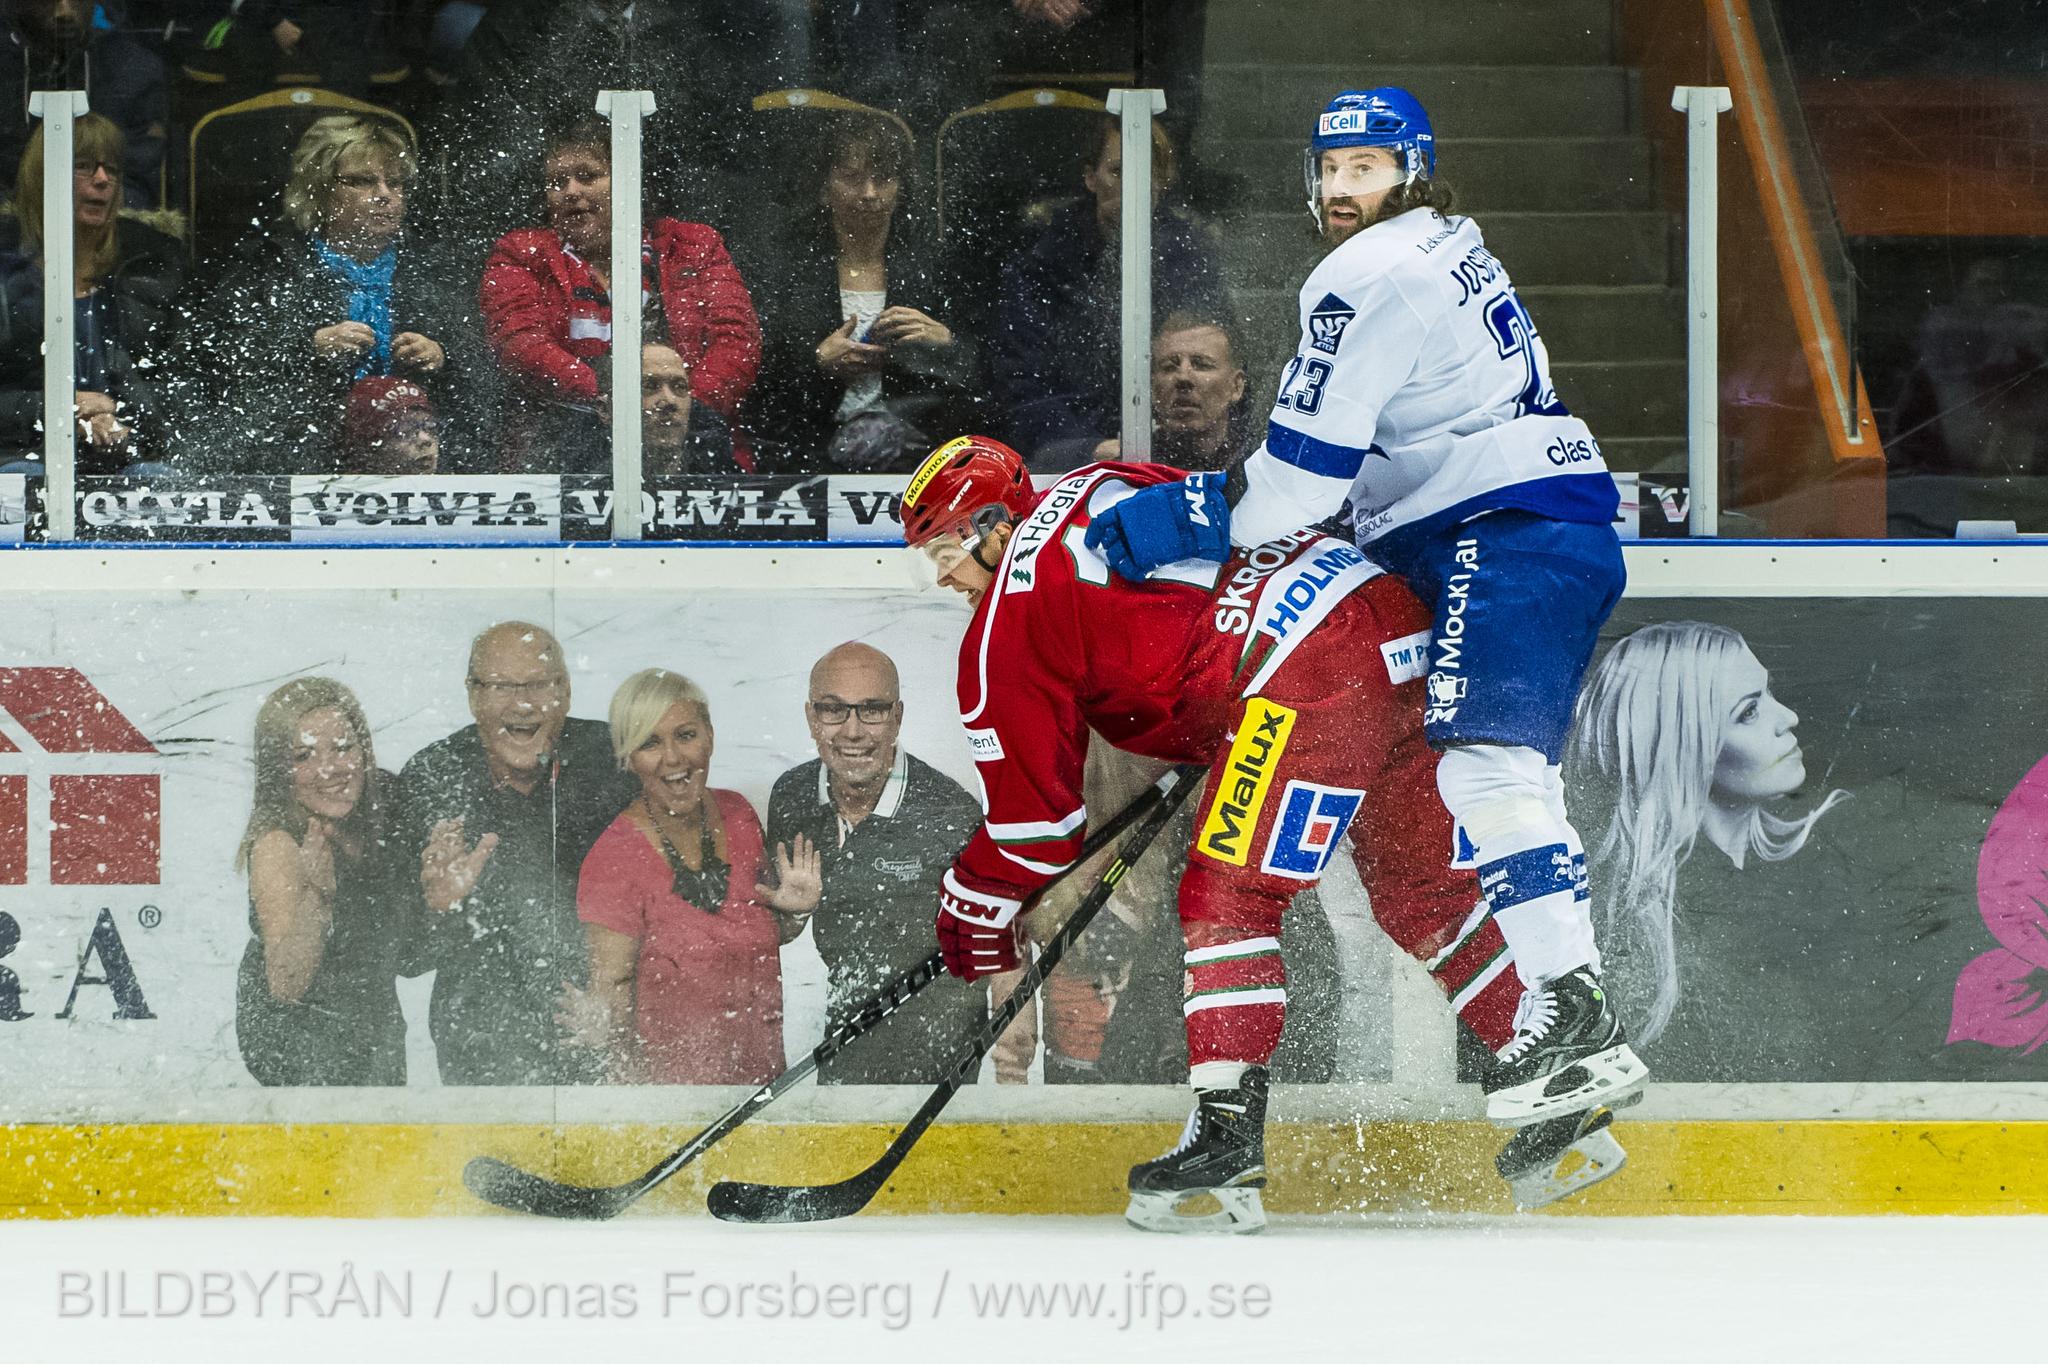 141228 Modos Per-ge Skršder och Leksands Daniel Josefsson kŠmpar under Ishockeymatchen i SHL mellan Modo och Leksand den 28 december 2014 i …rnskšldsvik. Foto: Jonas Forsberg / BILDBYRN / COP 71